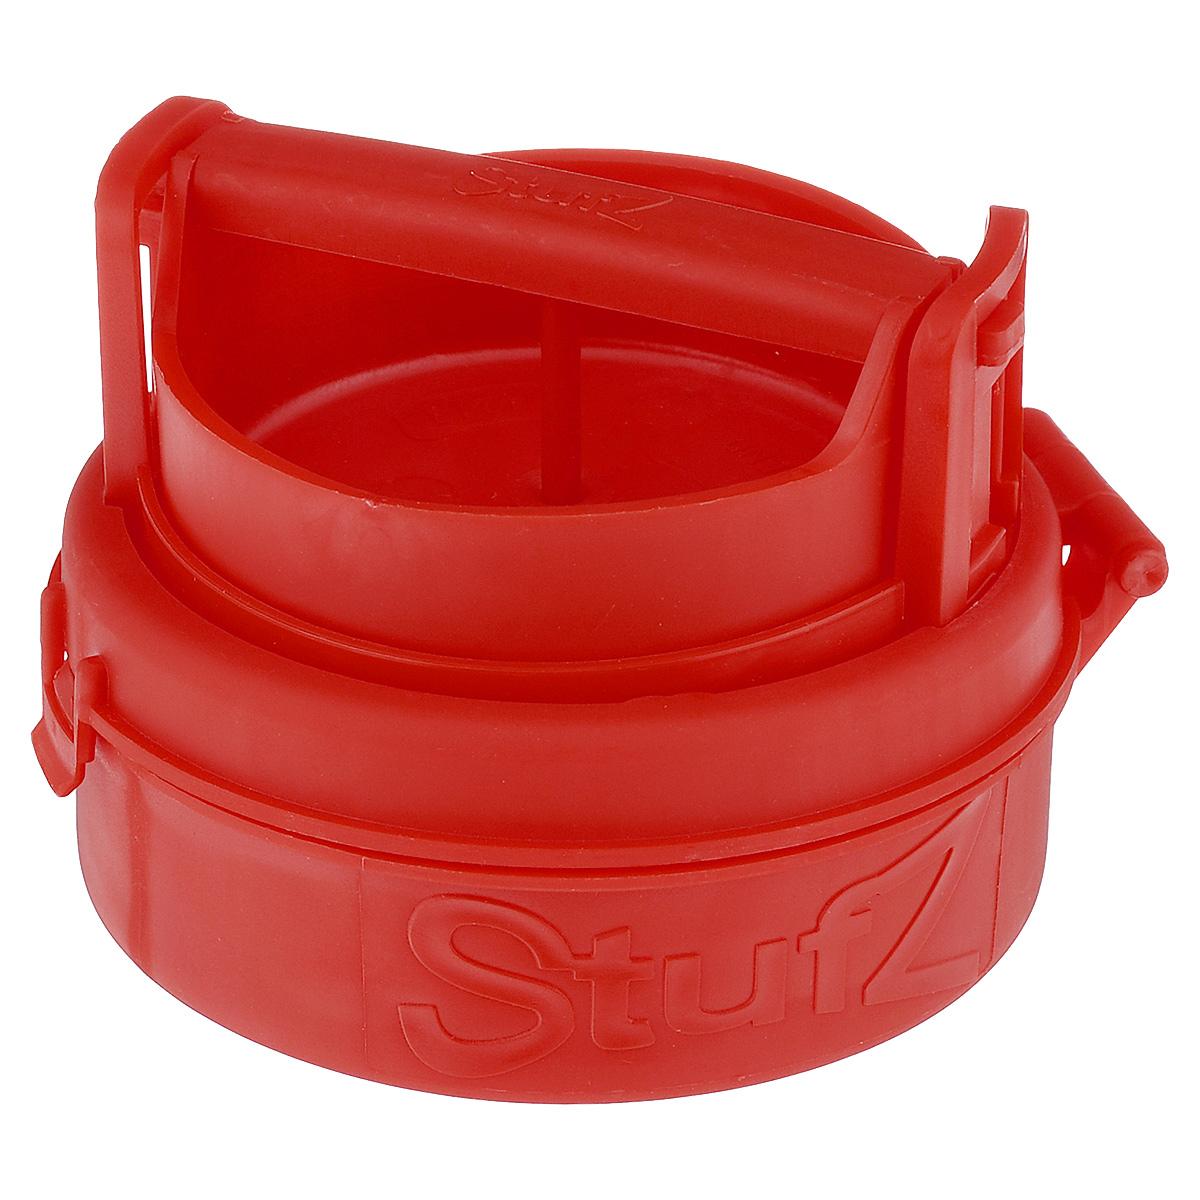 Пресс для формирования котлет с начинкой Bradex От шефа, цвет: красный, 12 х 12 х 6 смTK 0150Пресс Bradex От шефа, изготовленный из пищевого пластика, представляет собой форму с подъемным дном и откидной крышкой. Благодаря прессу вы сможете порадовать своих родных и близких котлетами со всевозможными начинками. С ним вы сделаете котлеты, которые придутся по вкусу каждому. Идеальные по форме и размеру котлеты не развалятся во время жарки, запекания в духовке или приготовления на гриле. Преимущества: - легко использовать и мыть, - формирует котлеты и зразы идеальной формы, - возможно использование любого мясного или рыбного фарша, а также фарша из птицы, - подходит для приготовления вегетарианских котлет, - ничто не ограничит вас в выборе начинки, - не занимает много места при хранении.